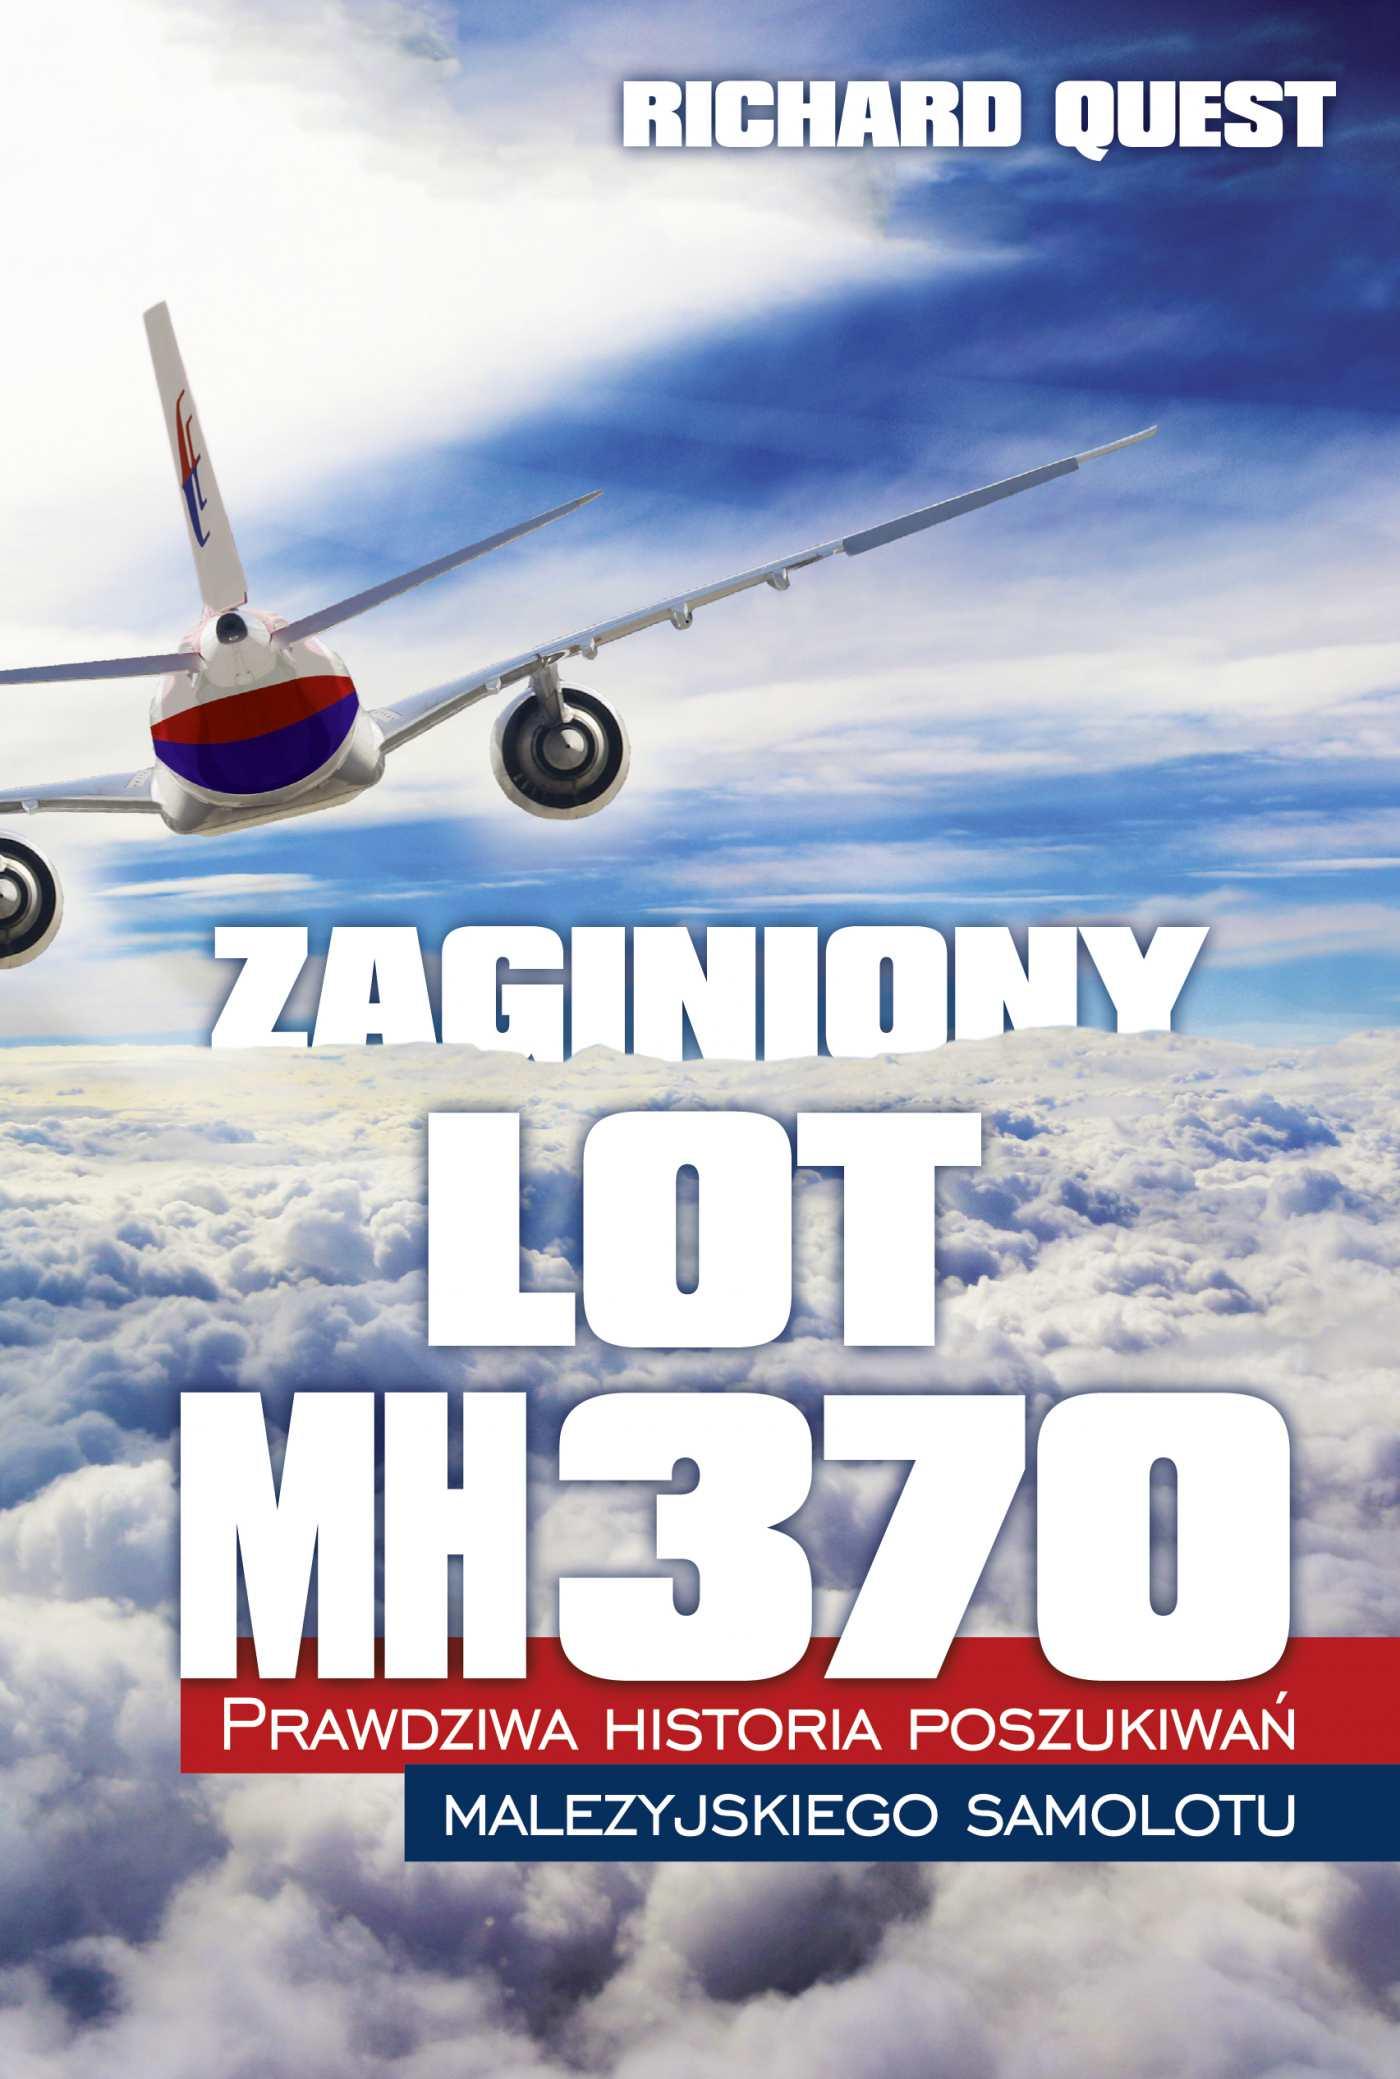 Zaginiony Lot MH370. Prawdziwa historia poszukiwań malezyjskiego samolotu - Ebook (Książka EPUB) do pobrania w formacie EPUB